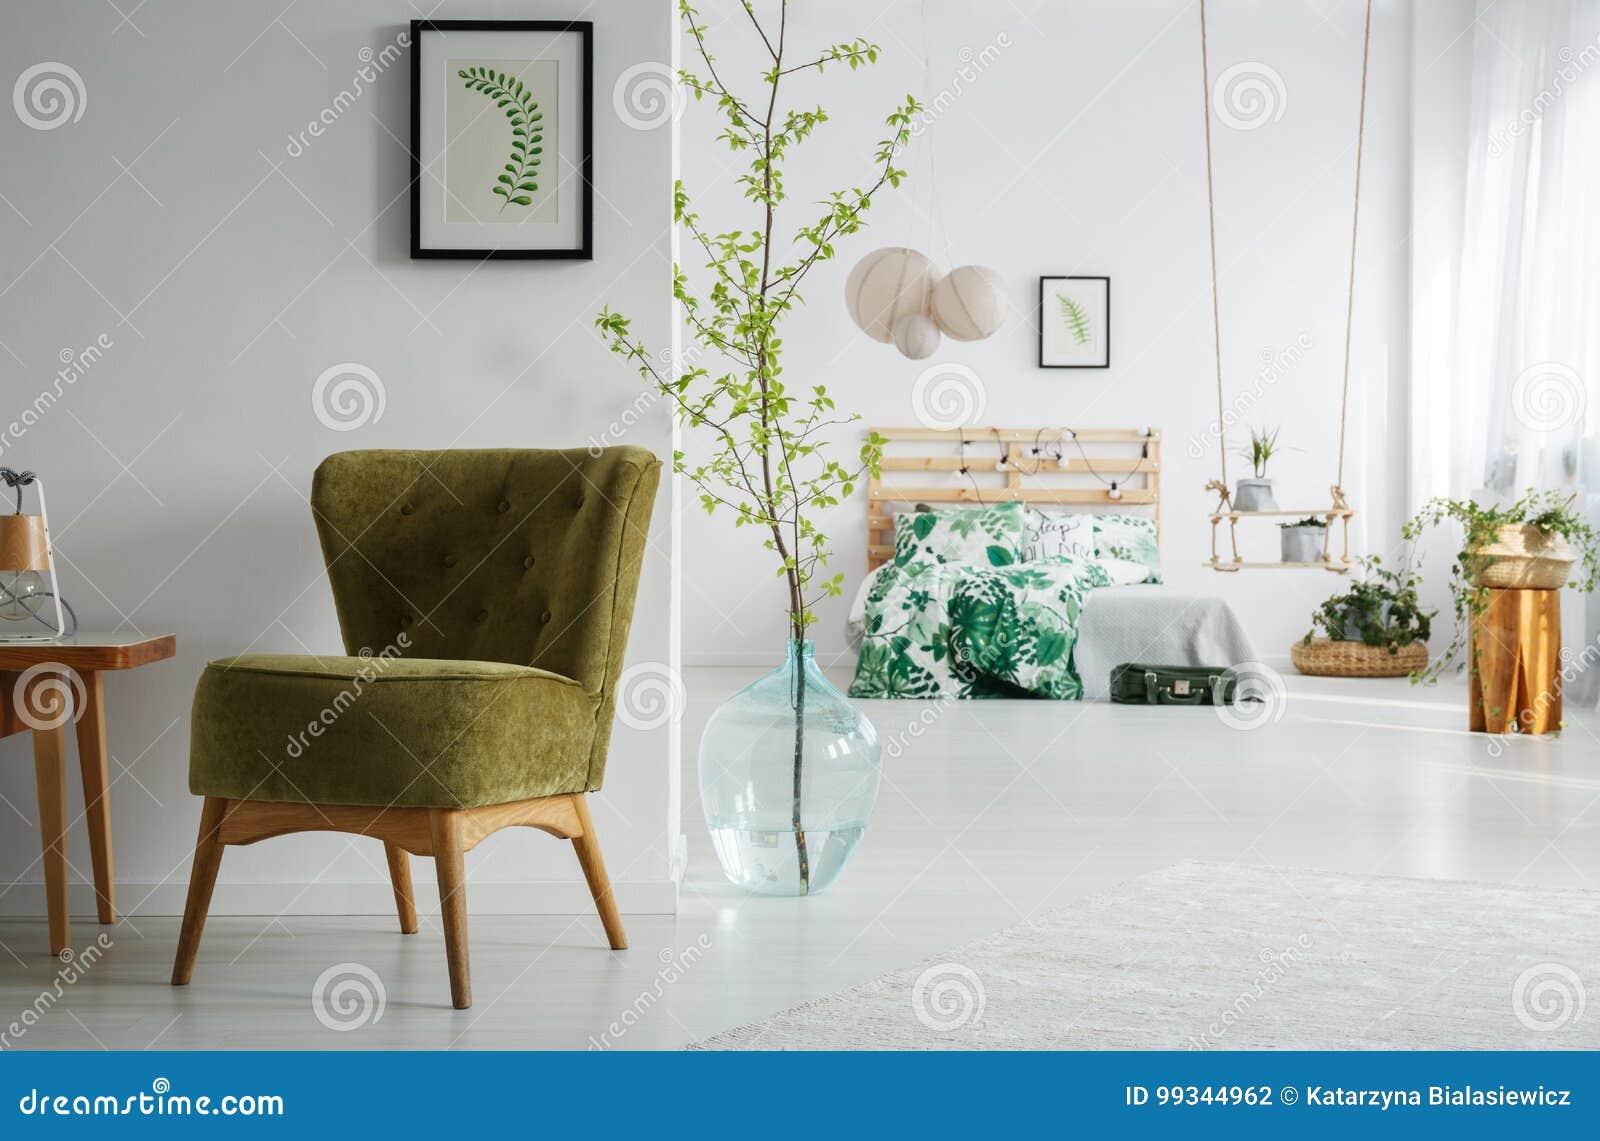 Slaapkamer Met Groene Uitstekende Stoel Stock Foto - Afbeelding ...